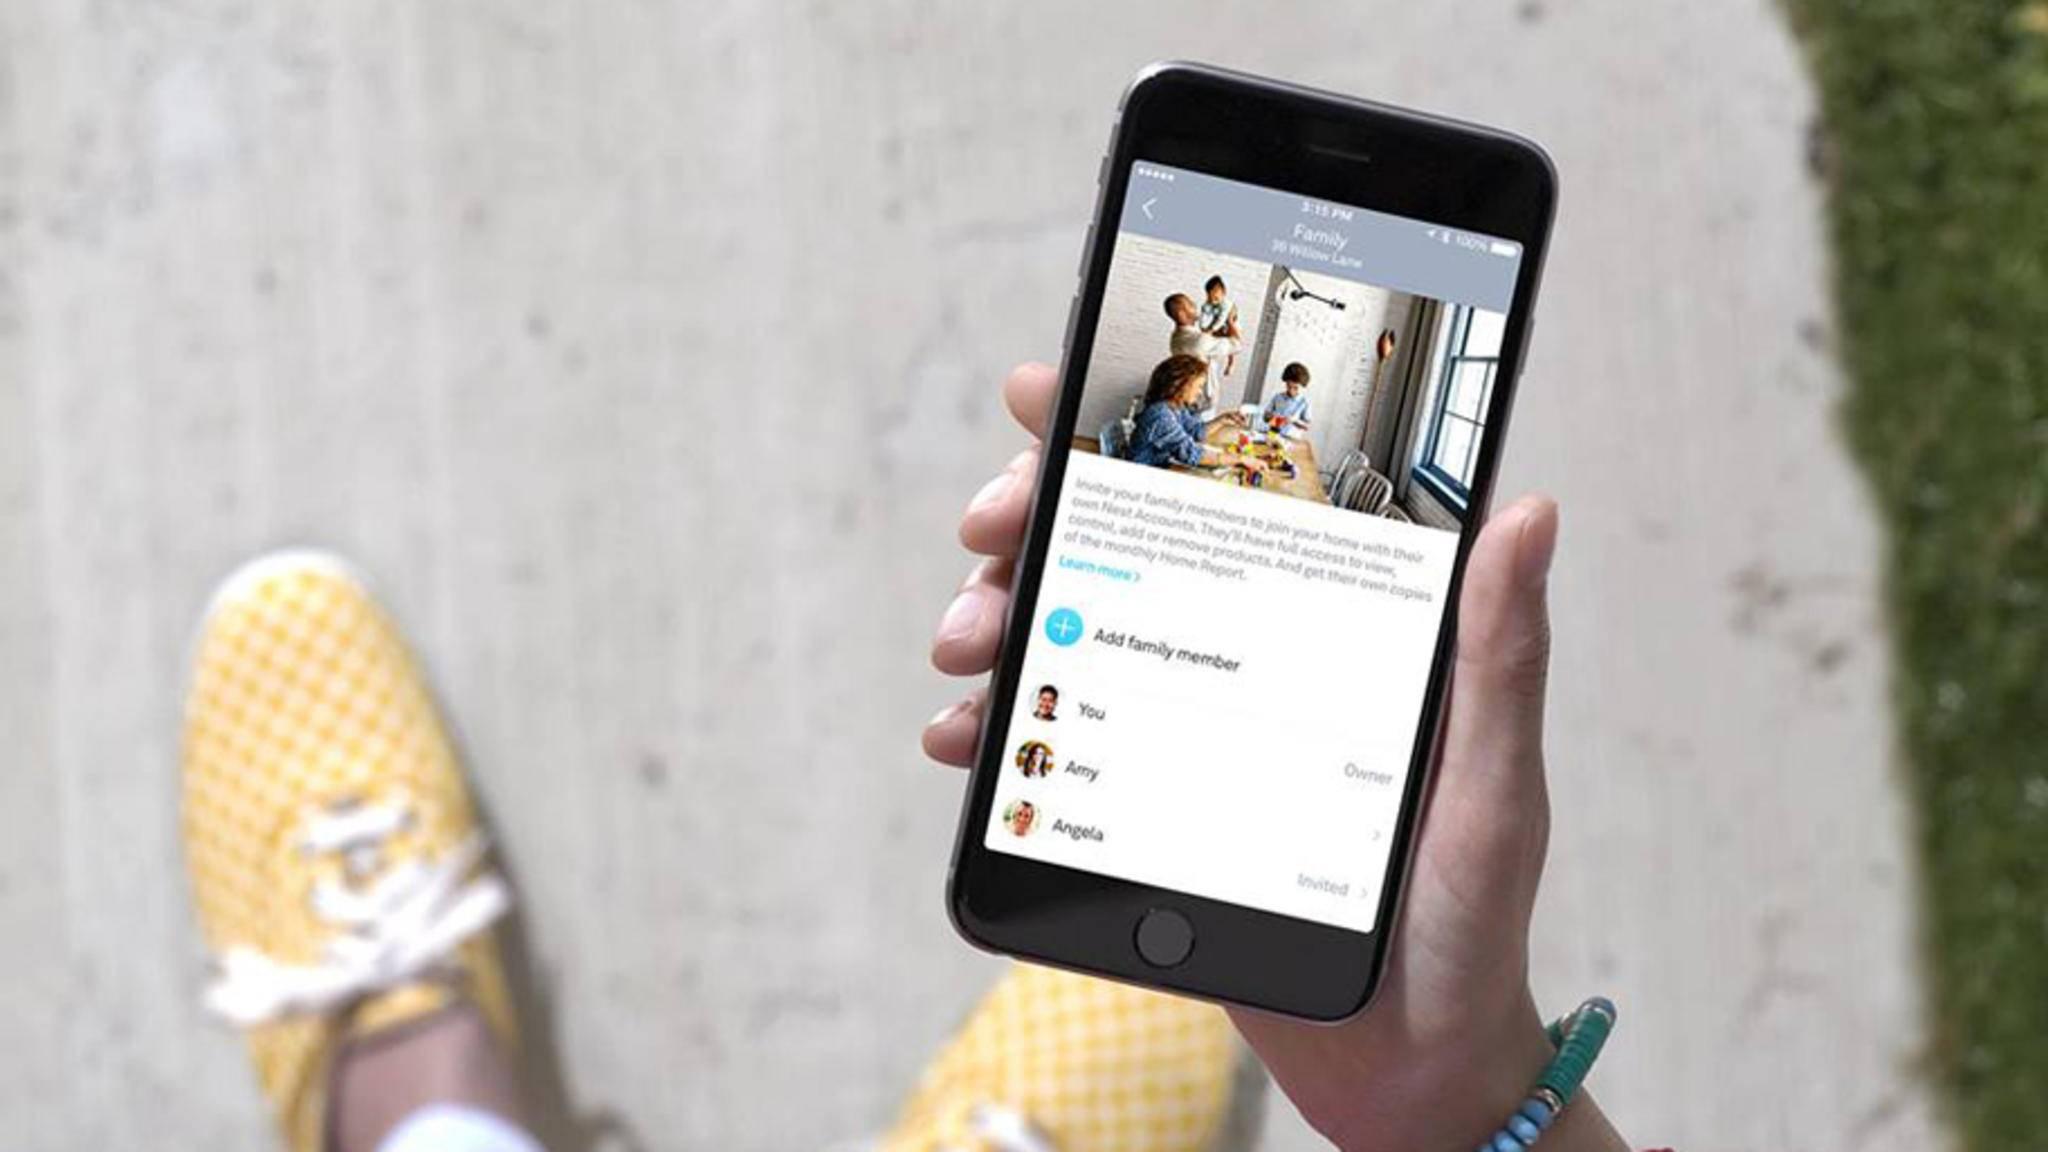 Die Zwei-Faktor-Authentifizierung bei der Anmeldung in der App soll Nest-Geräte vor Hackerangriffen schützen.